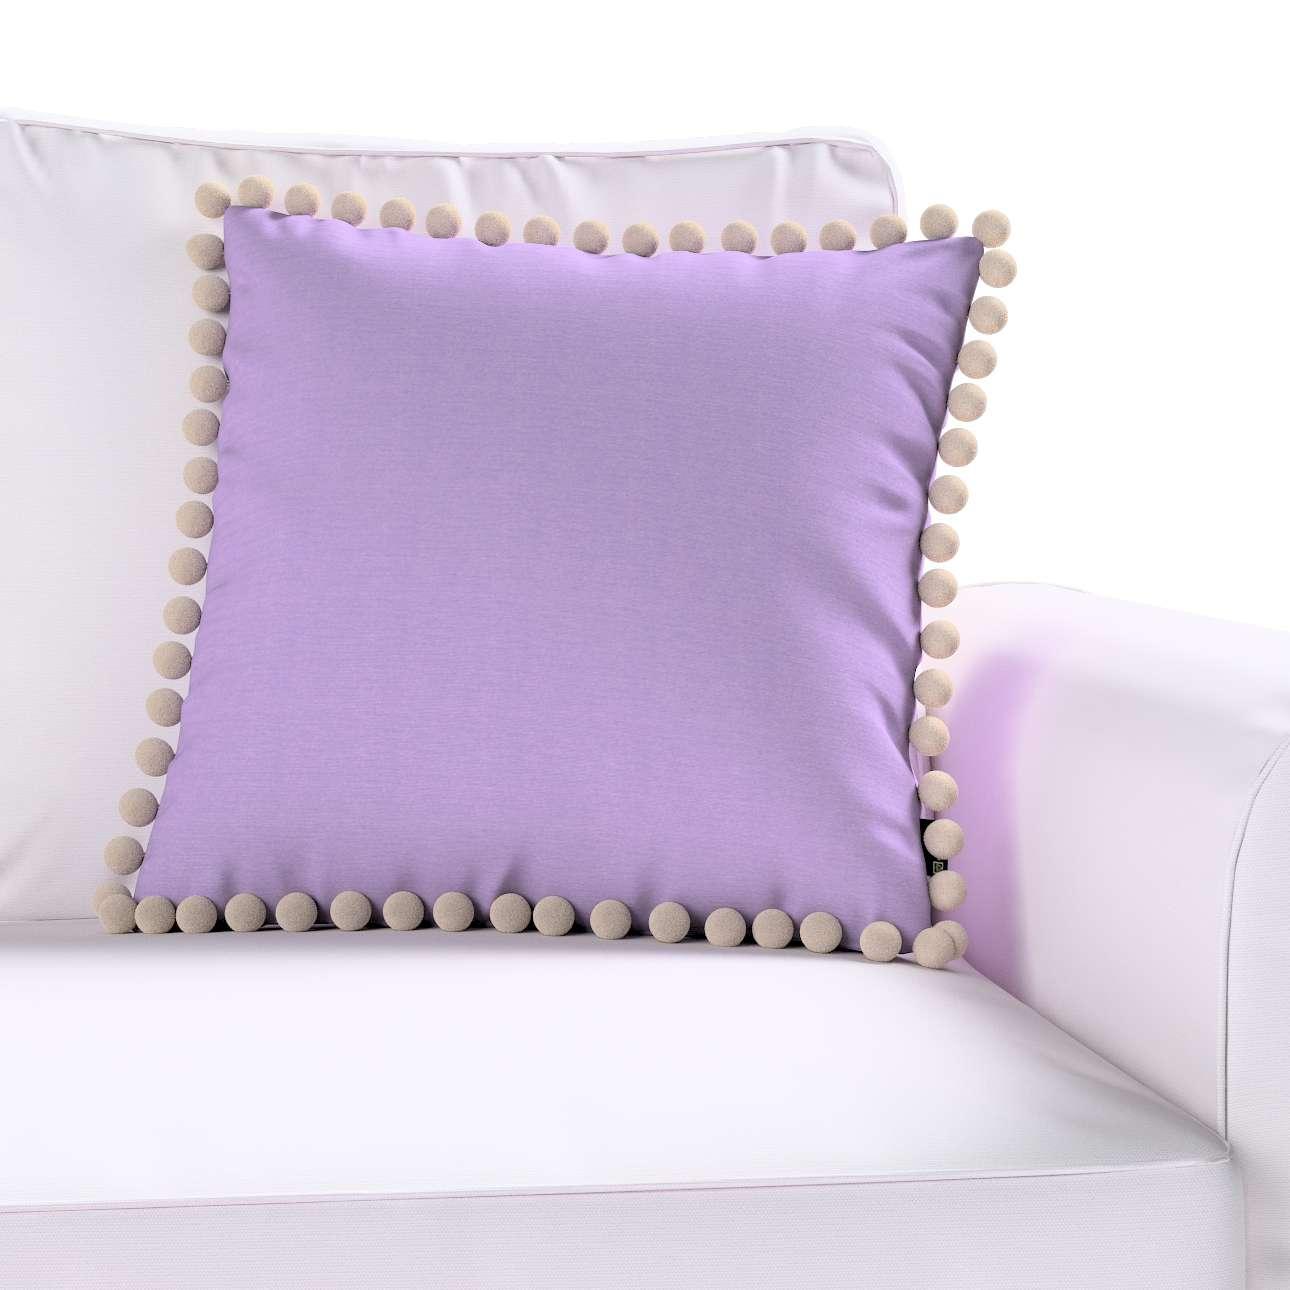 Wera dekoratyvinės pagalvėlės užvalkalas su žaismingais kraštais 45 × 45 cm kolekcijoje Jupiter, audinys: 127-74